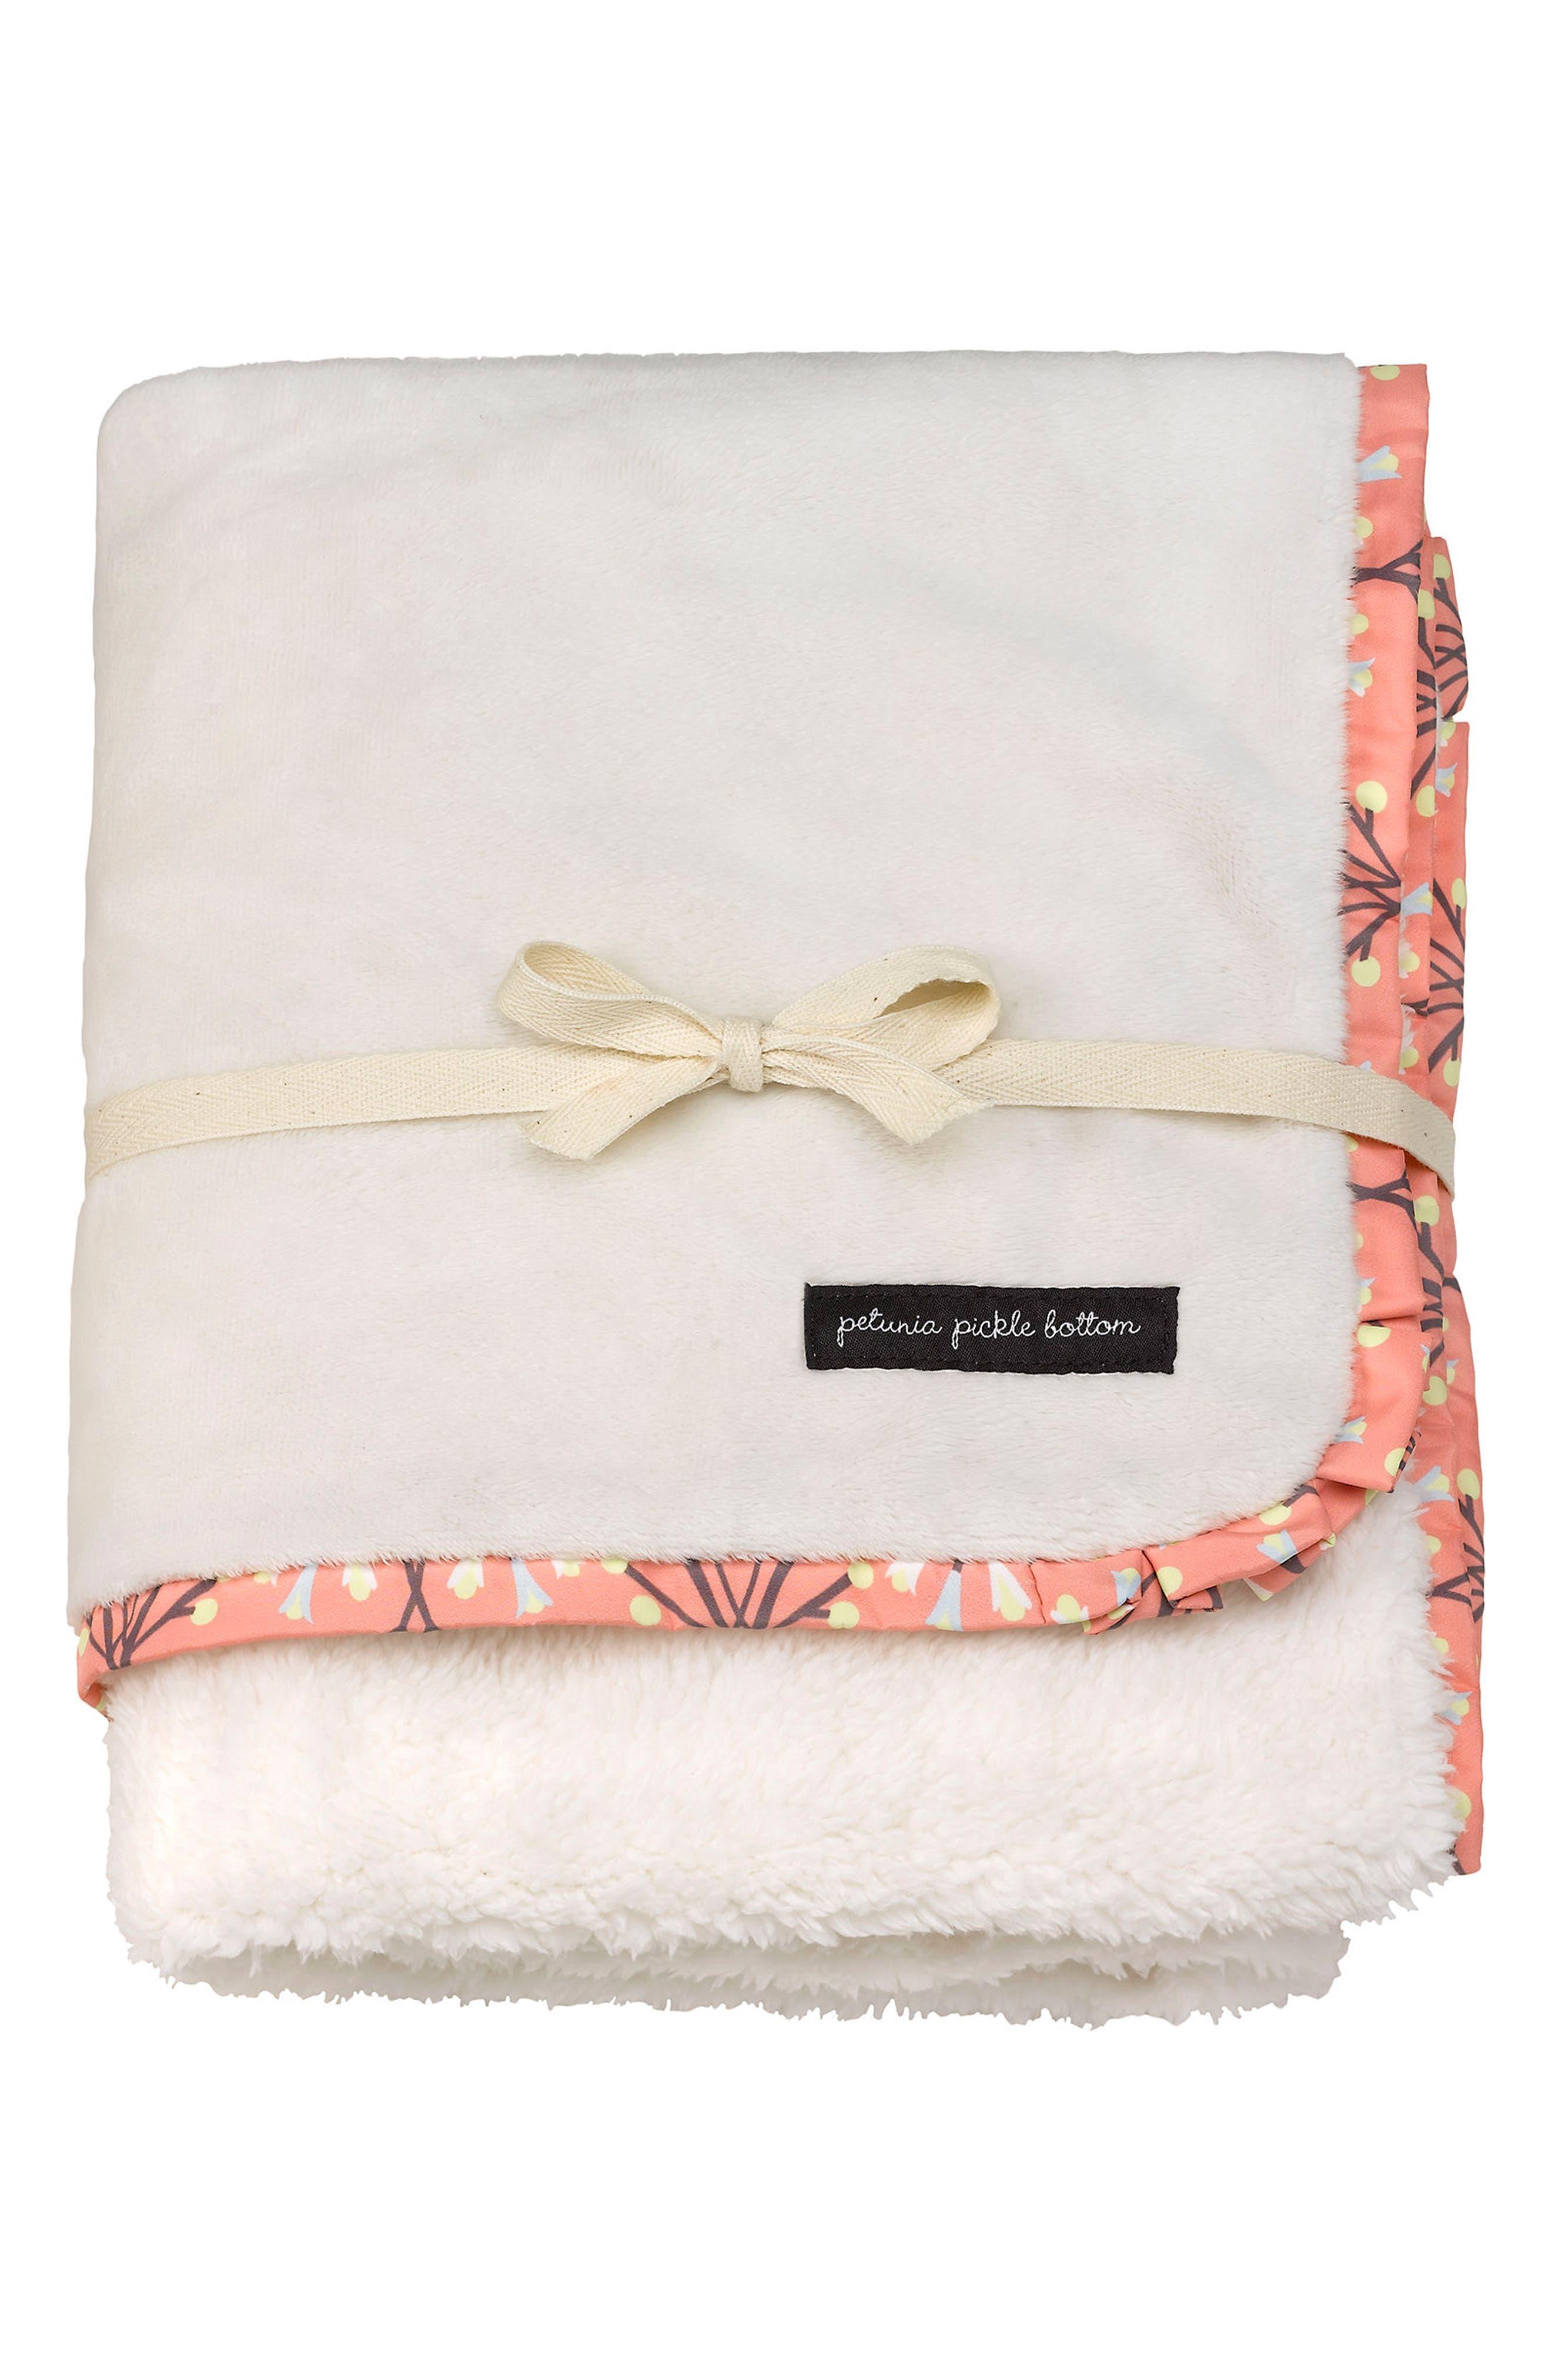 Petunia Pickle Bottom Receiving Blanket